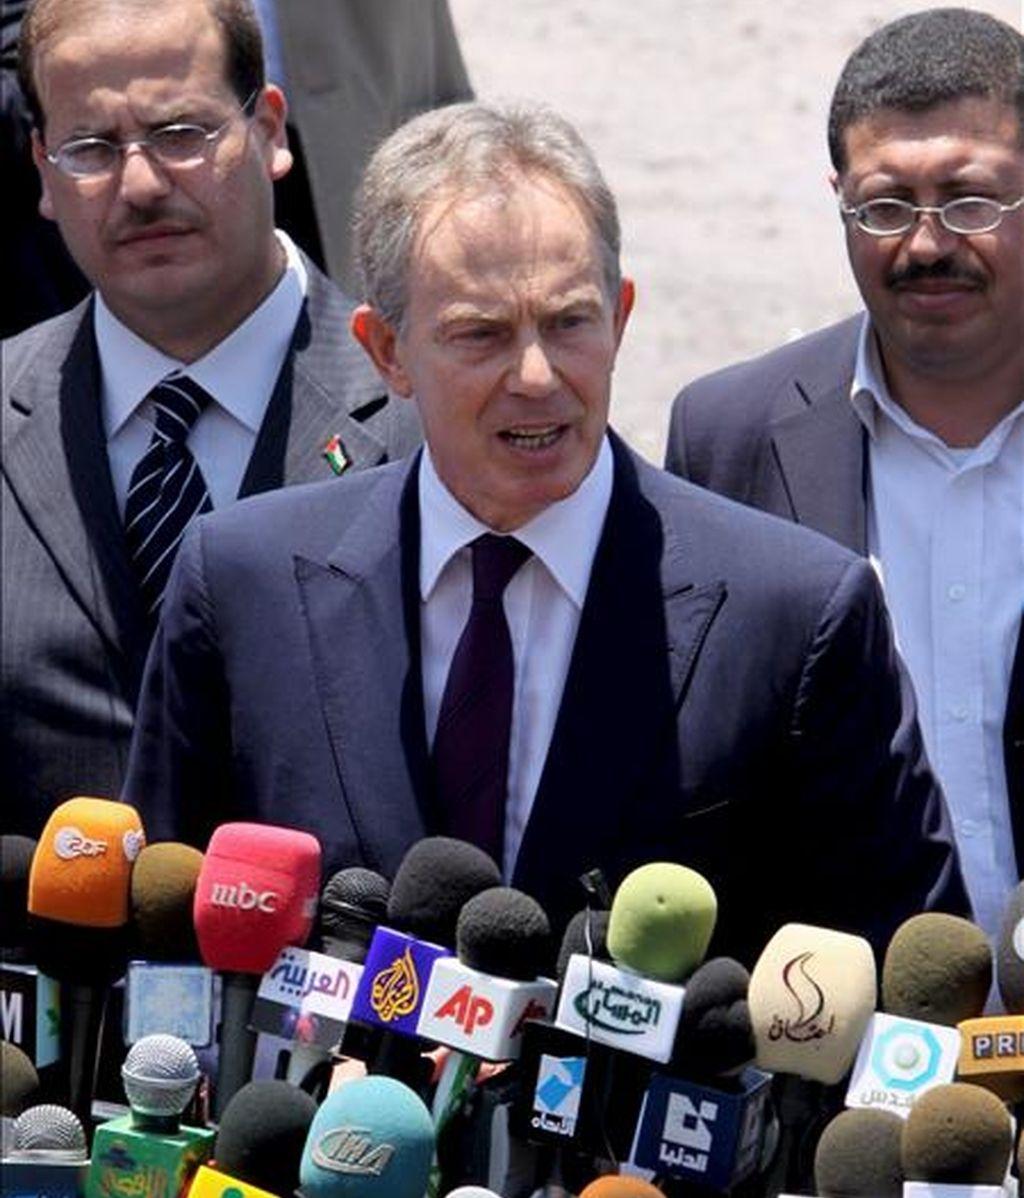 El ex primer ministro británico y actual enviado especial del Cuarteto para Oriente Próximo, Tony Blair (c), atiende a los medios a su llegada a las oficinas de Naciones Unidas en Gaza (Franja de Gaza), el 15 de junio. EFE/Archivo